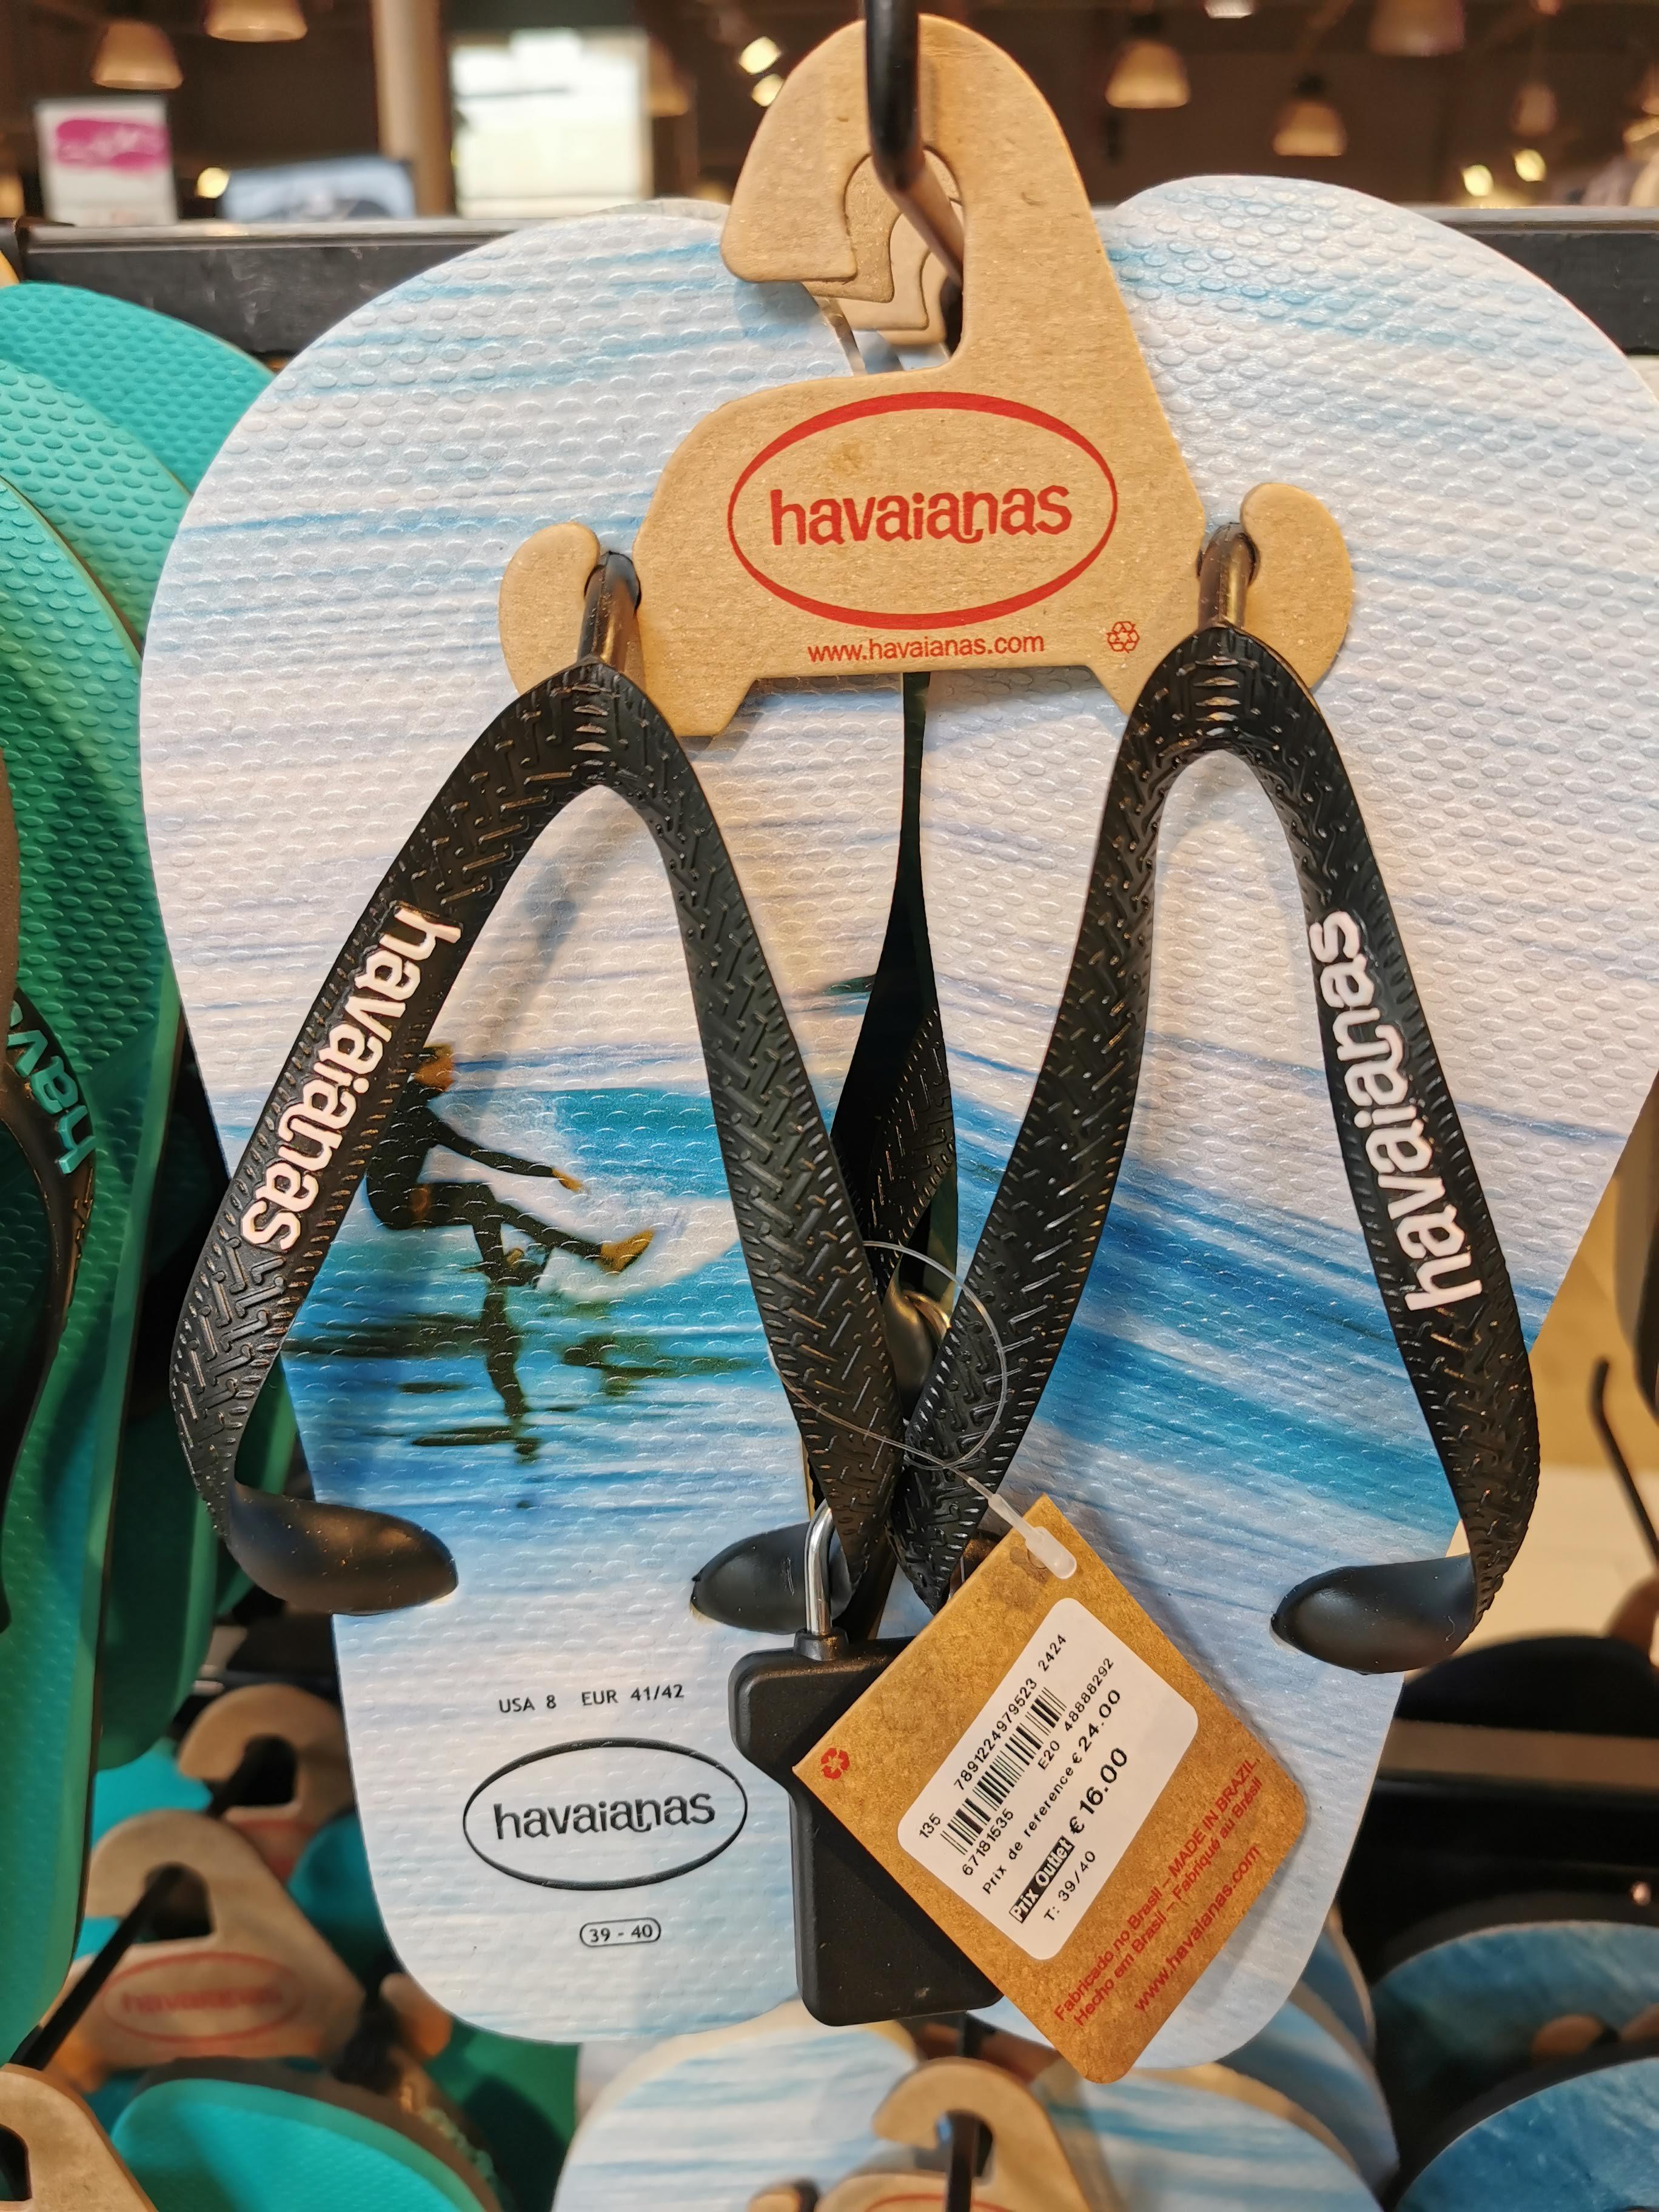 Sélection de tongs Havaianas en promotion - Ex : motif Surfer - One Nation Paris Outlet (78)